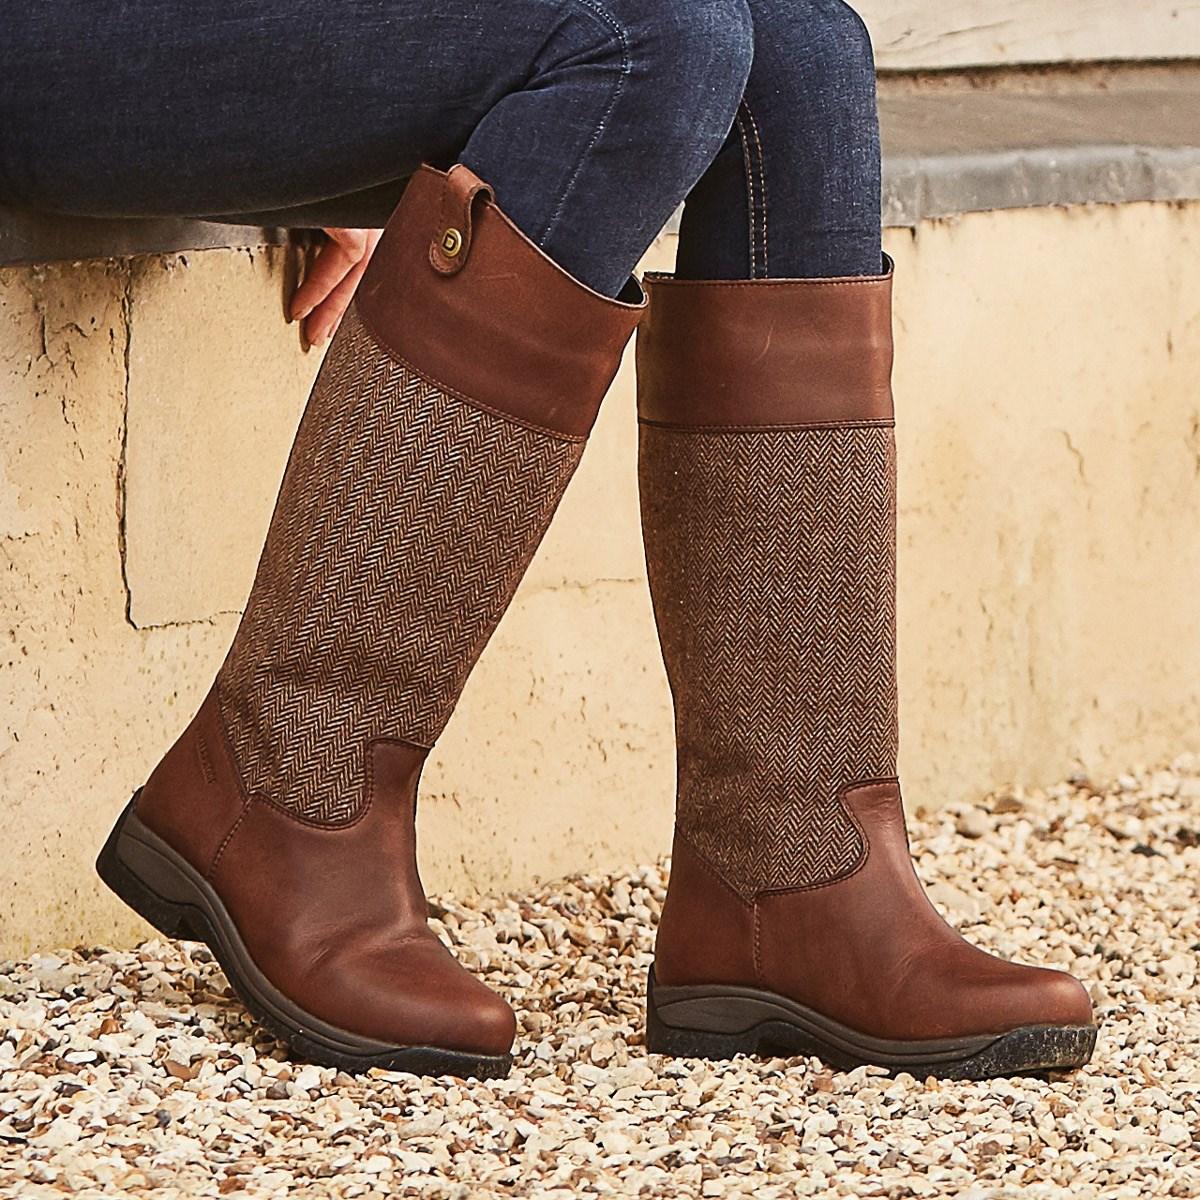 3b94fa551e6 Dublin Eden Country Boots - Drifted Brown